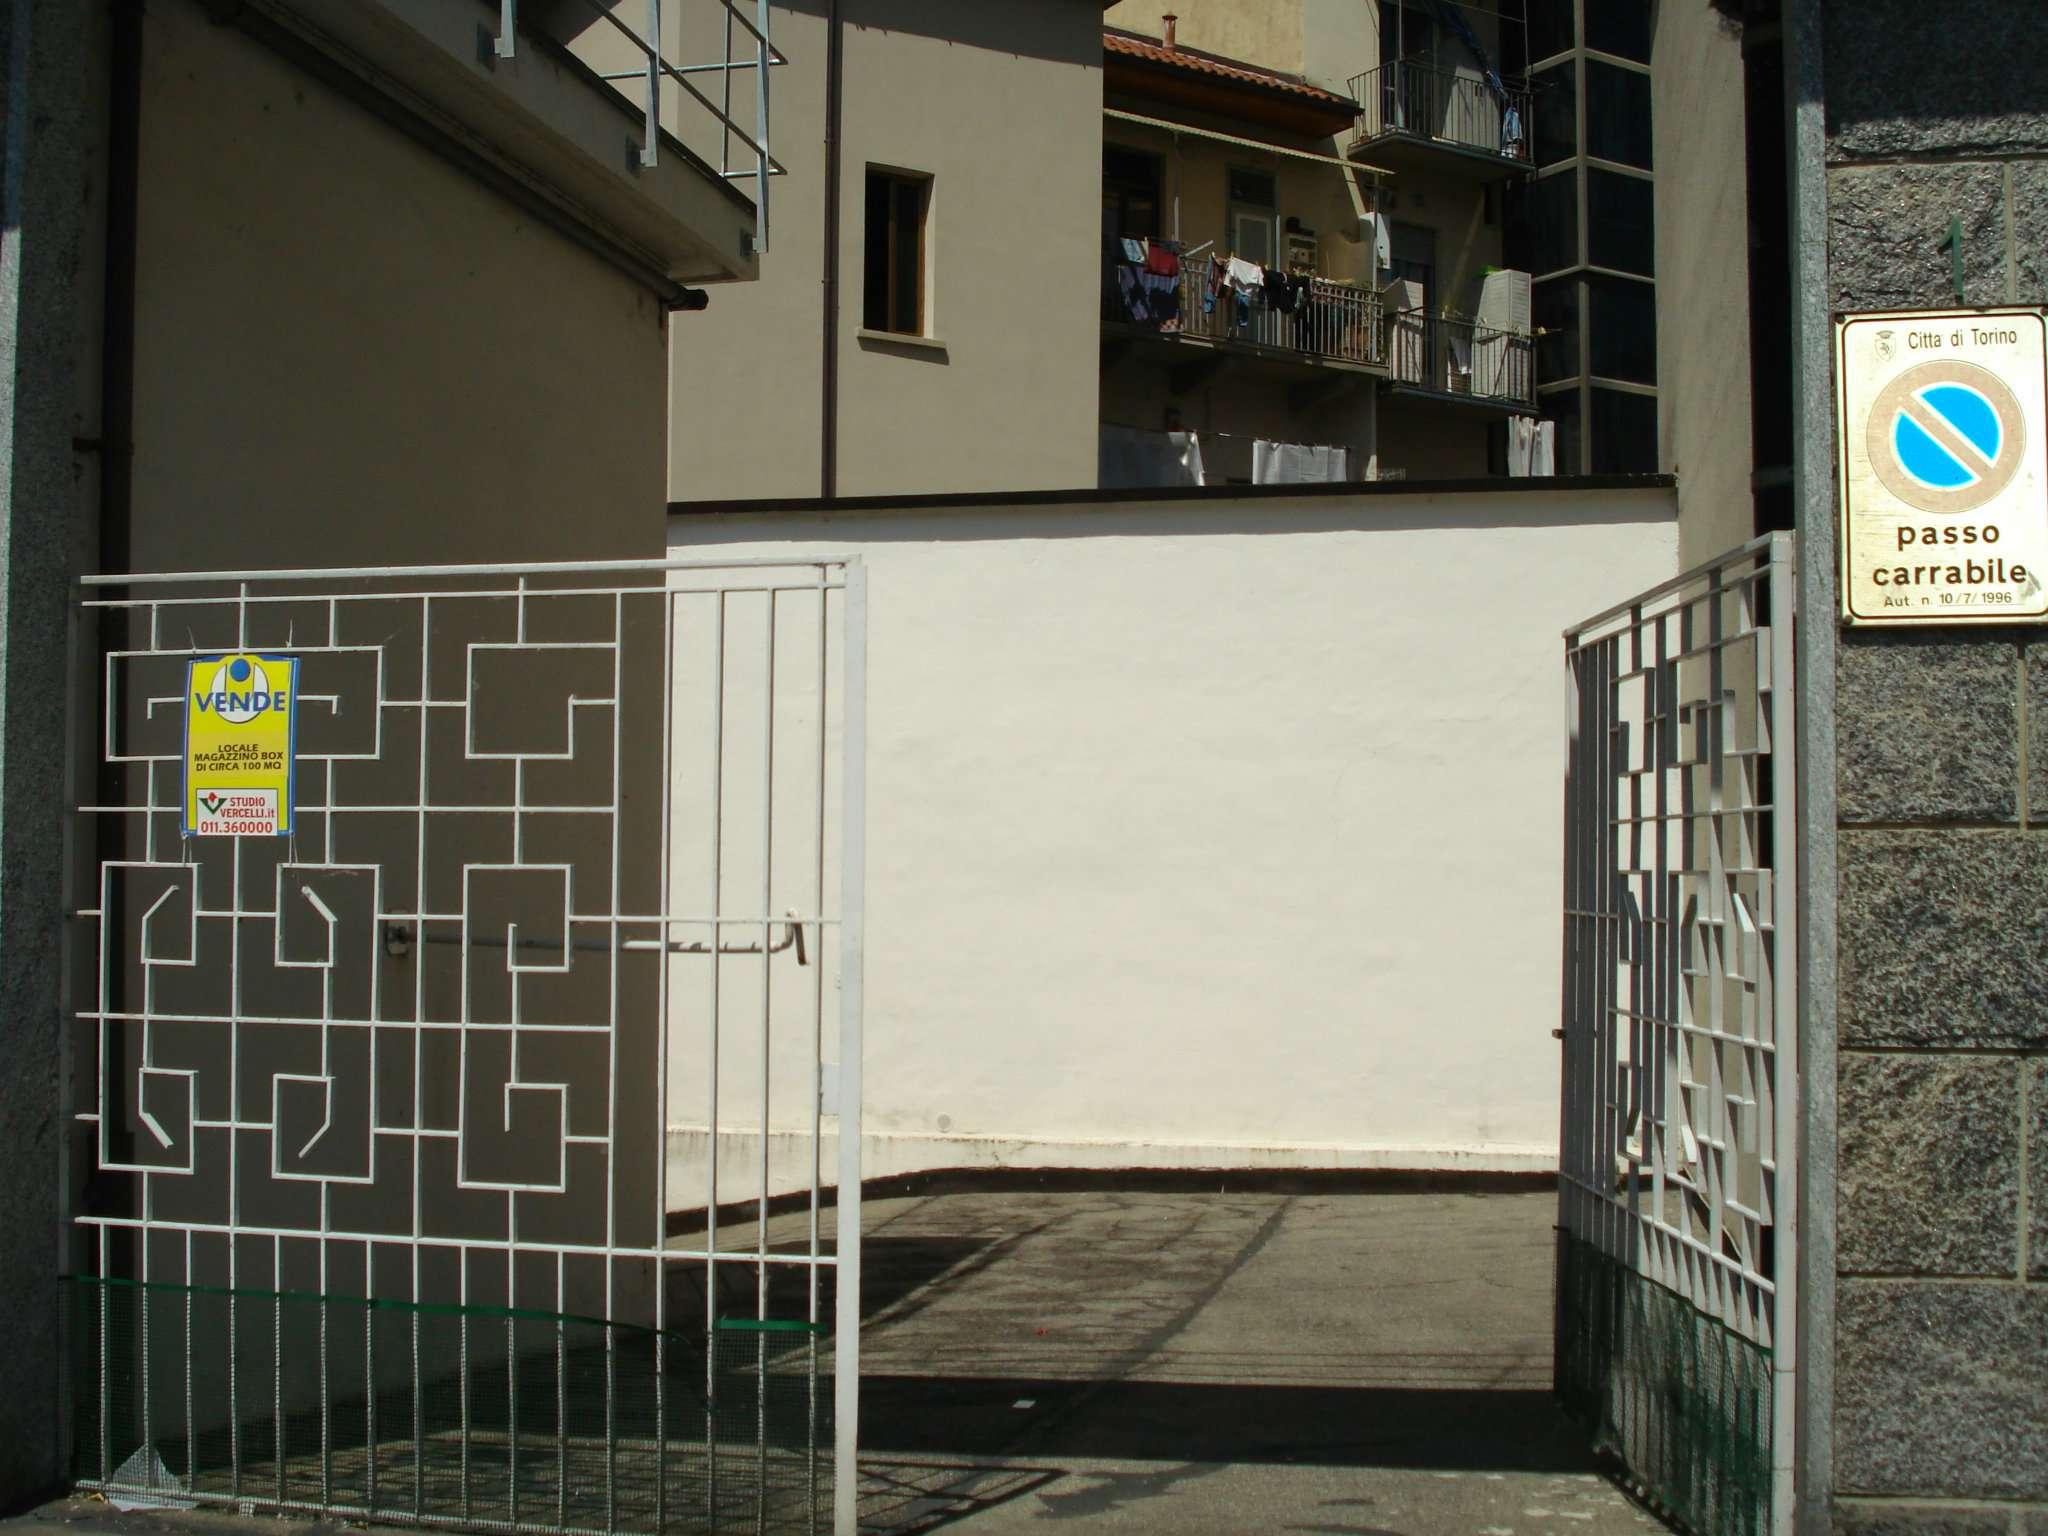 Immagine immobiliare Vendita ampio magazzino. Corso Chieti Corso Belgio nelle vicinanze del mercato, in stabile signorile con apertura automatizzata, proponiamo in vendita ampio magazzino al piano interrato con acqua e luce interna.